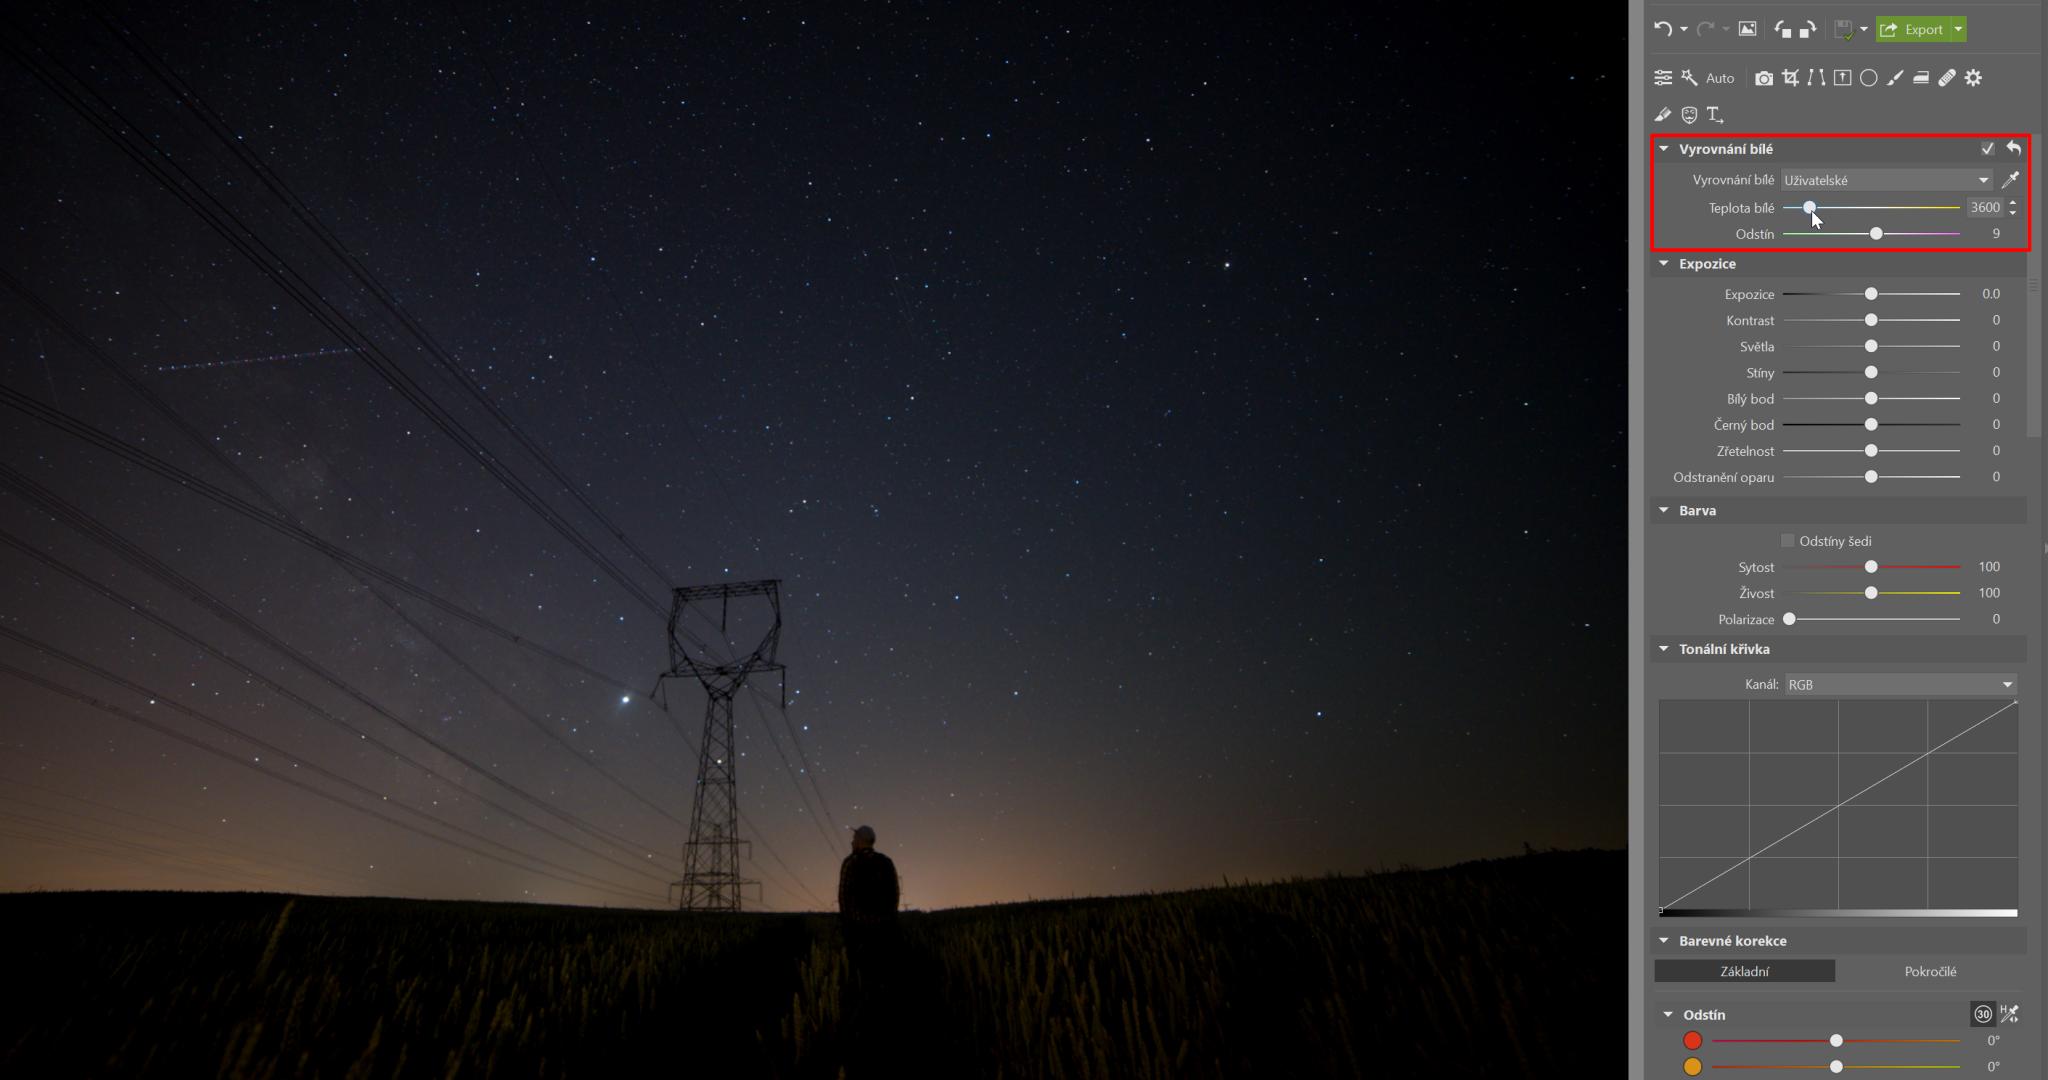 Fotky noční oblohy: 7 úprav (+ 1 navíc), které jim dodají šmrnc